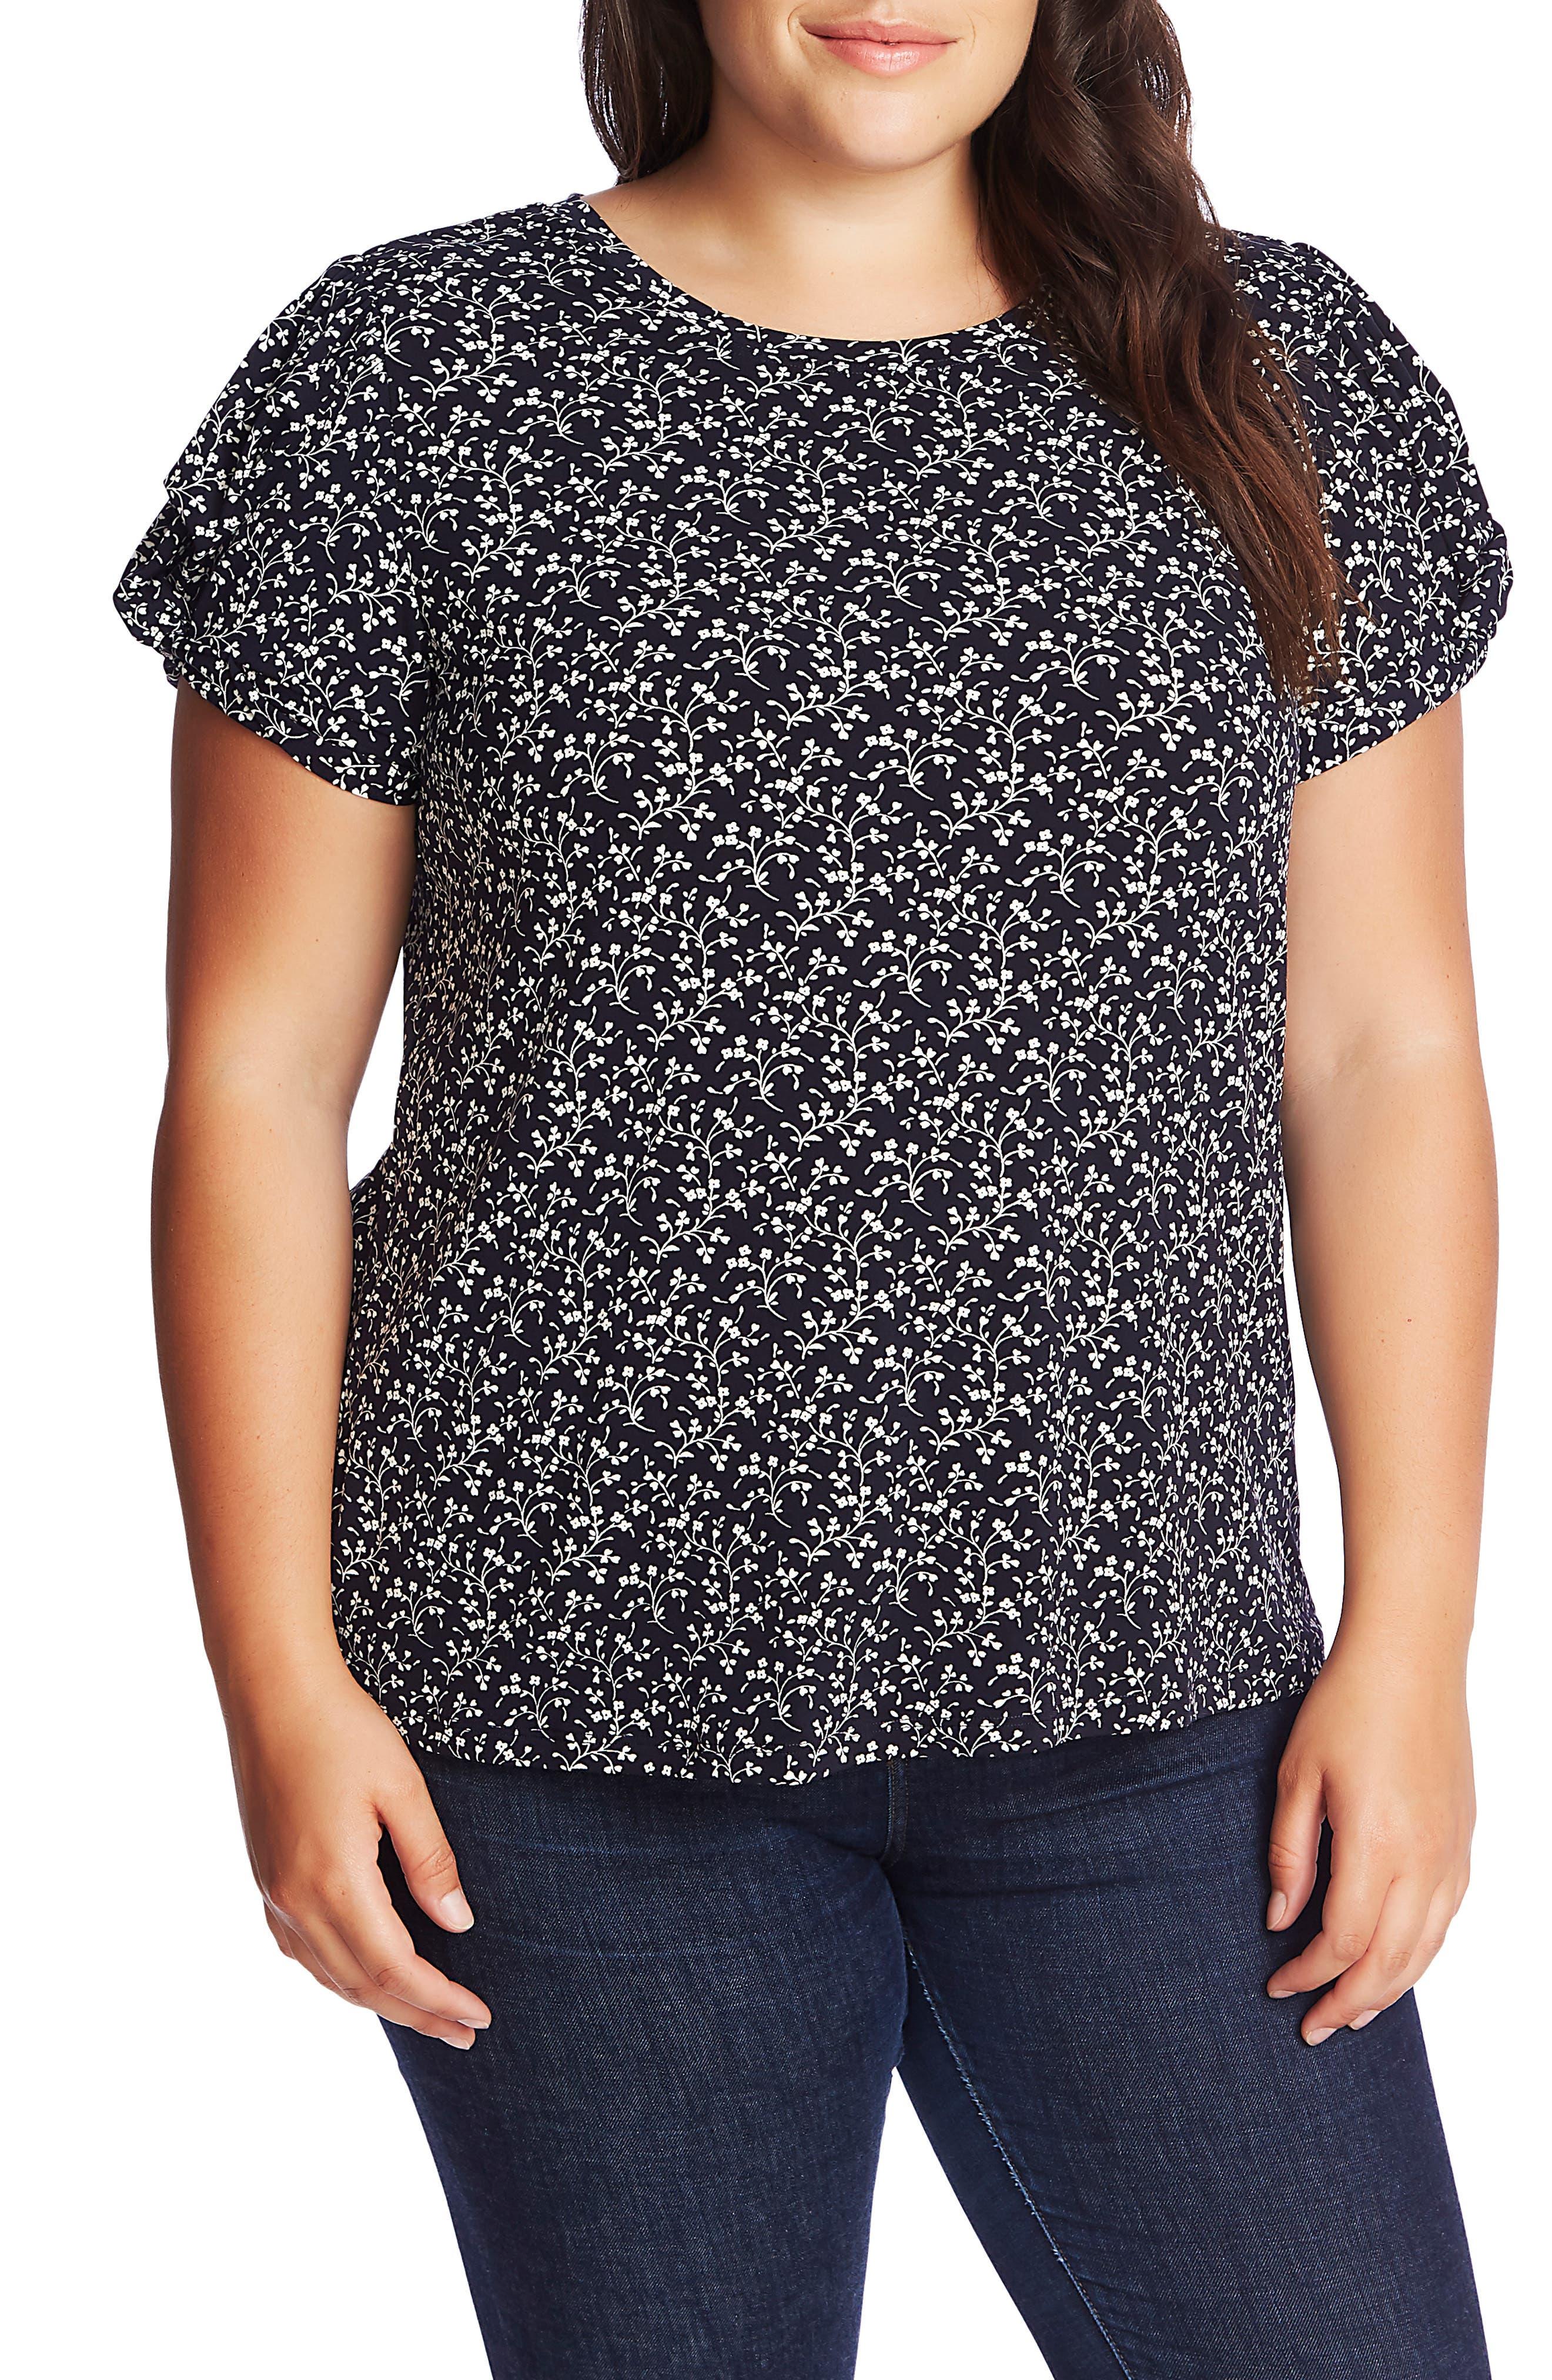 1930s Style Blouses, Shirts, Tops | Vintage Blouses Plus Size Womens Cece Floral Print Twist Sleeve Top $69.00 AT vintagedancer.com